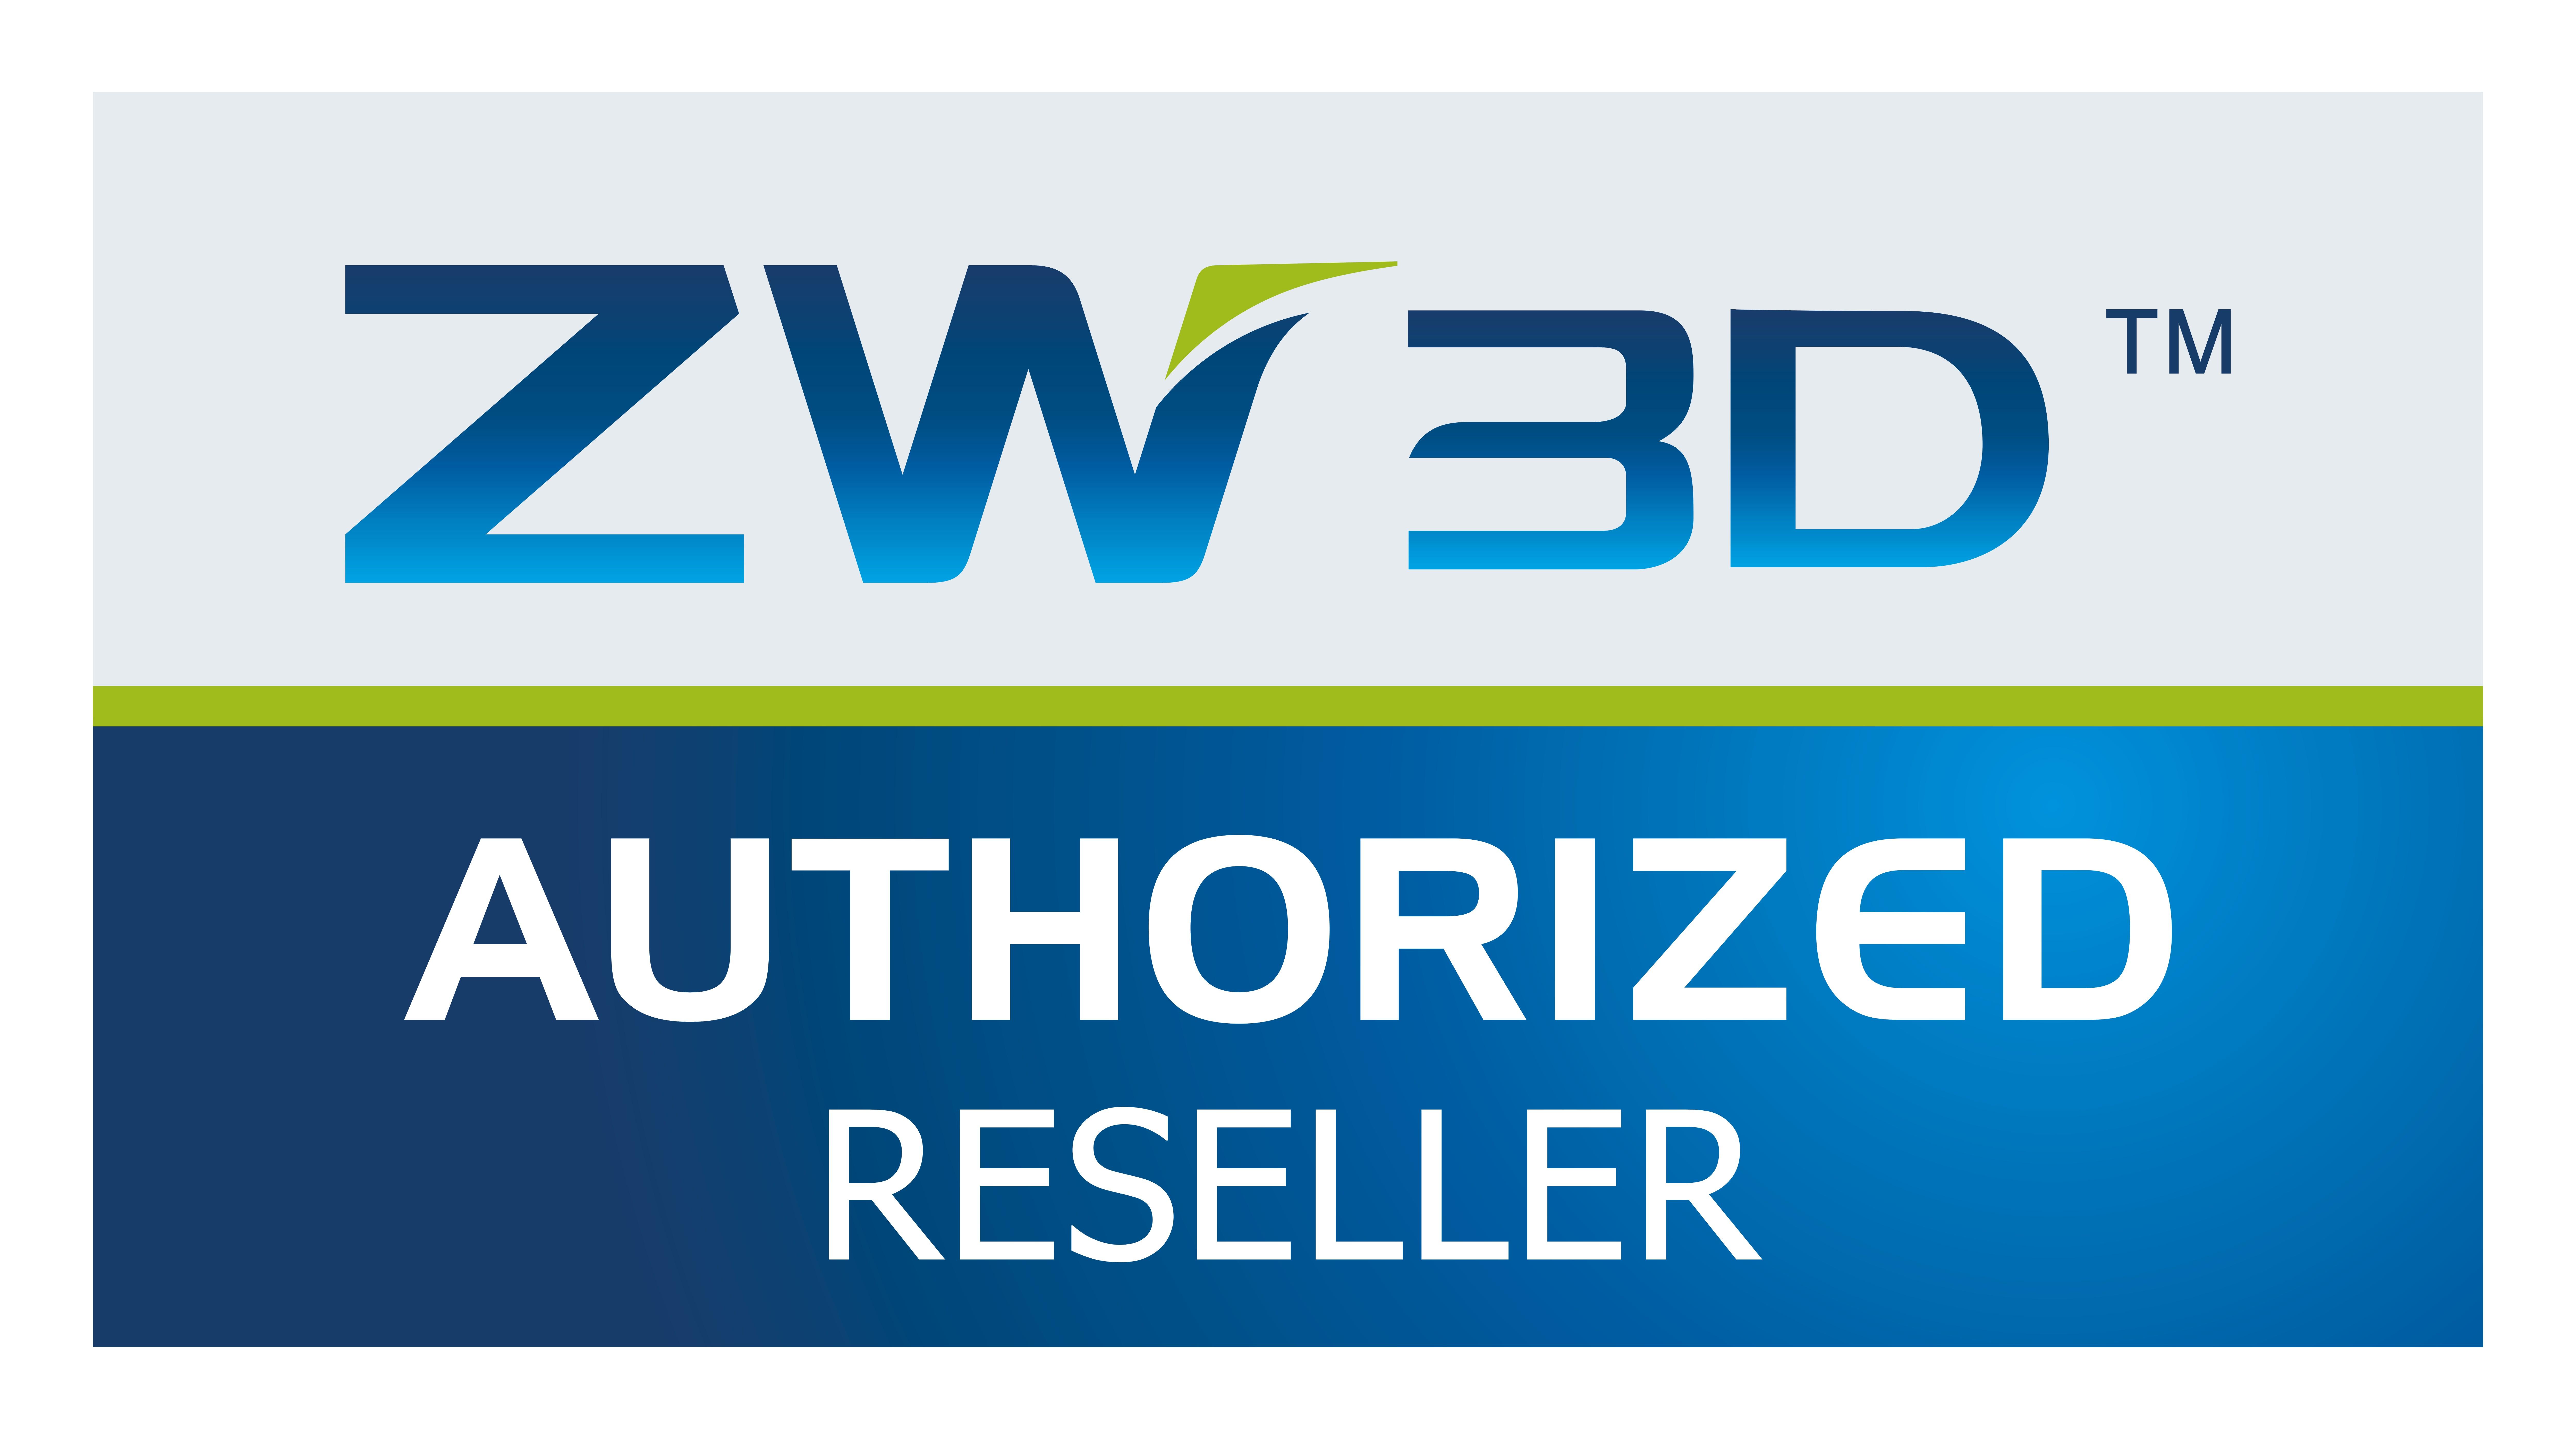 zw3d reseller